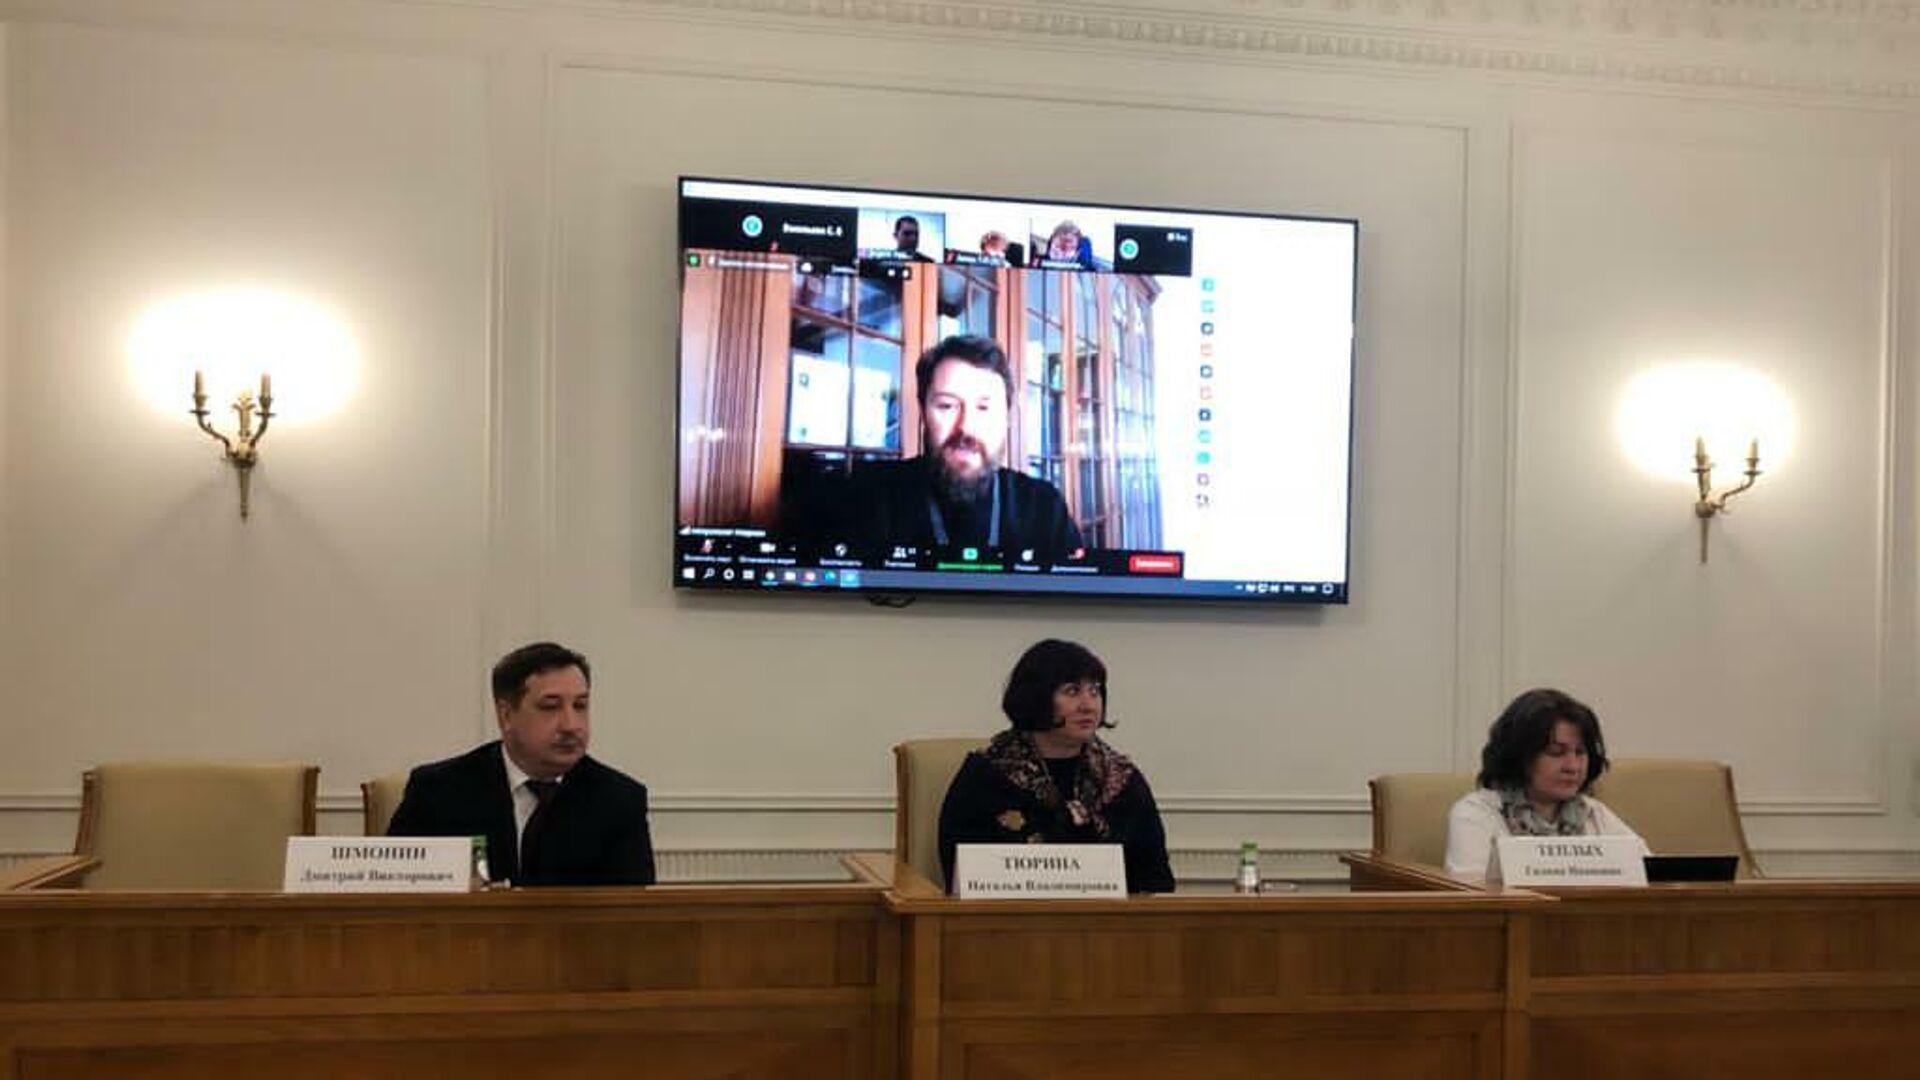 Впервые в России пройдет теологический семинар для вузов и журналистов - РИА Новости, 1920, 26.03.2021